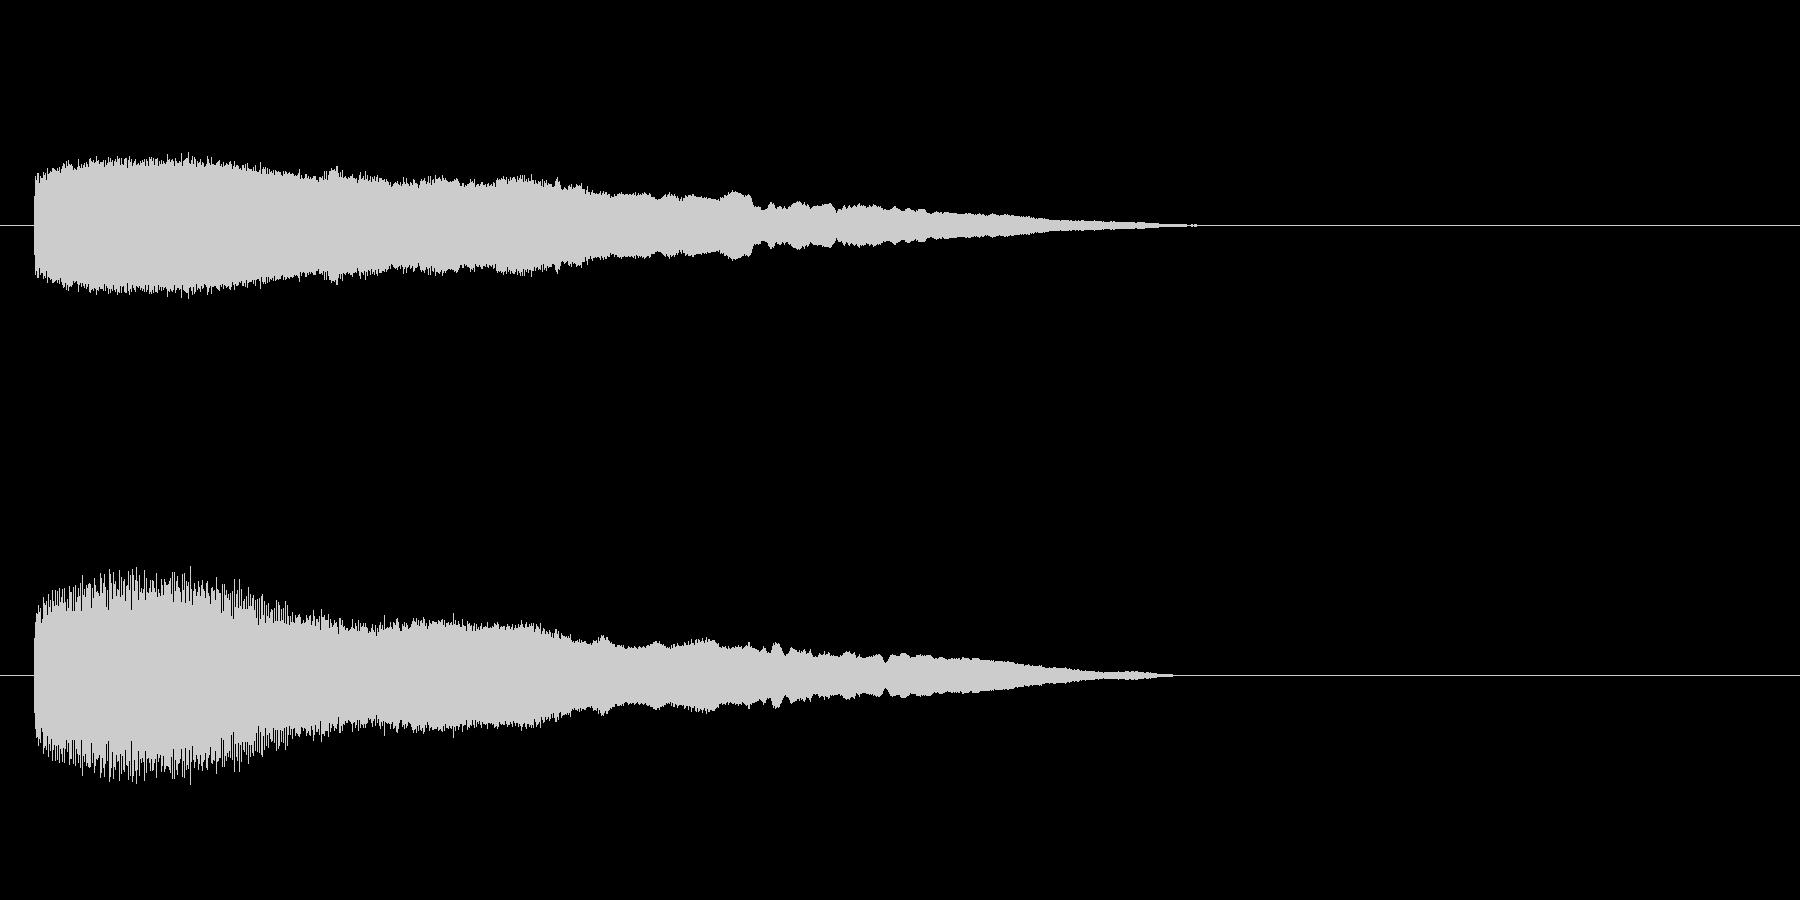 「ブーッ!」ふざけた鳥の鳴き声の擬音の未再生の波形